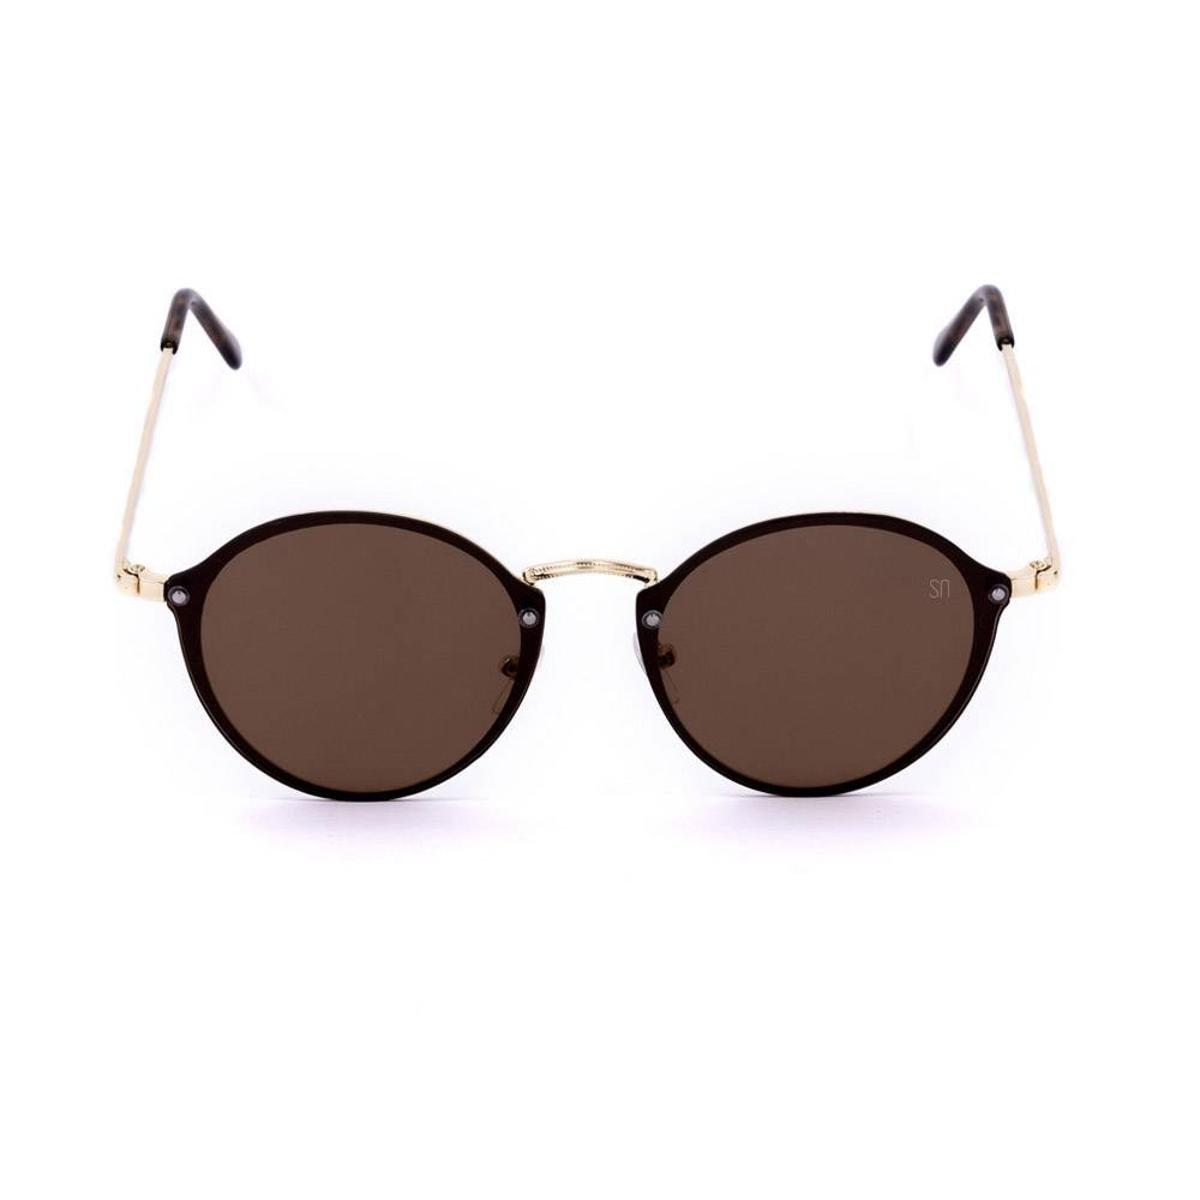 Óculos de Sol Classic Redondo - Marrom - Compre Agora   Zattini 7541dba912